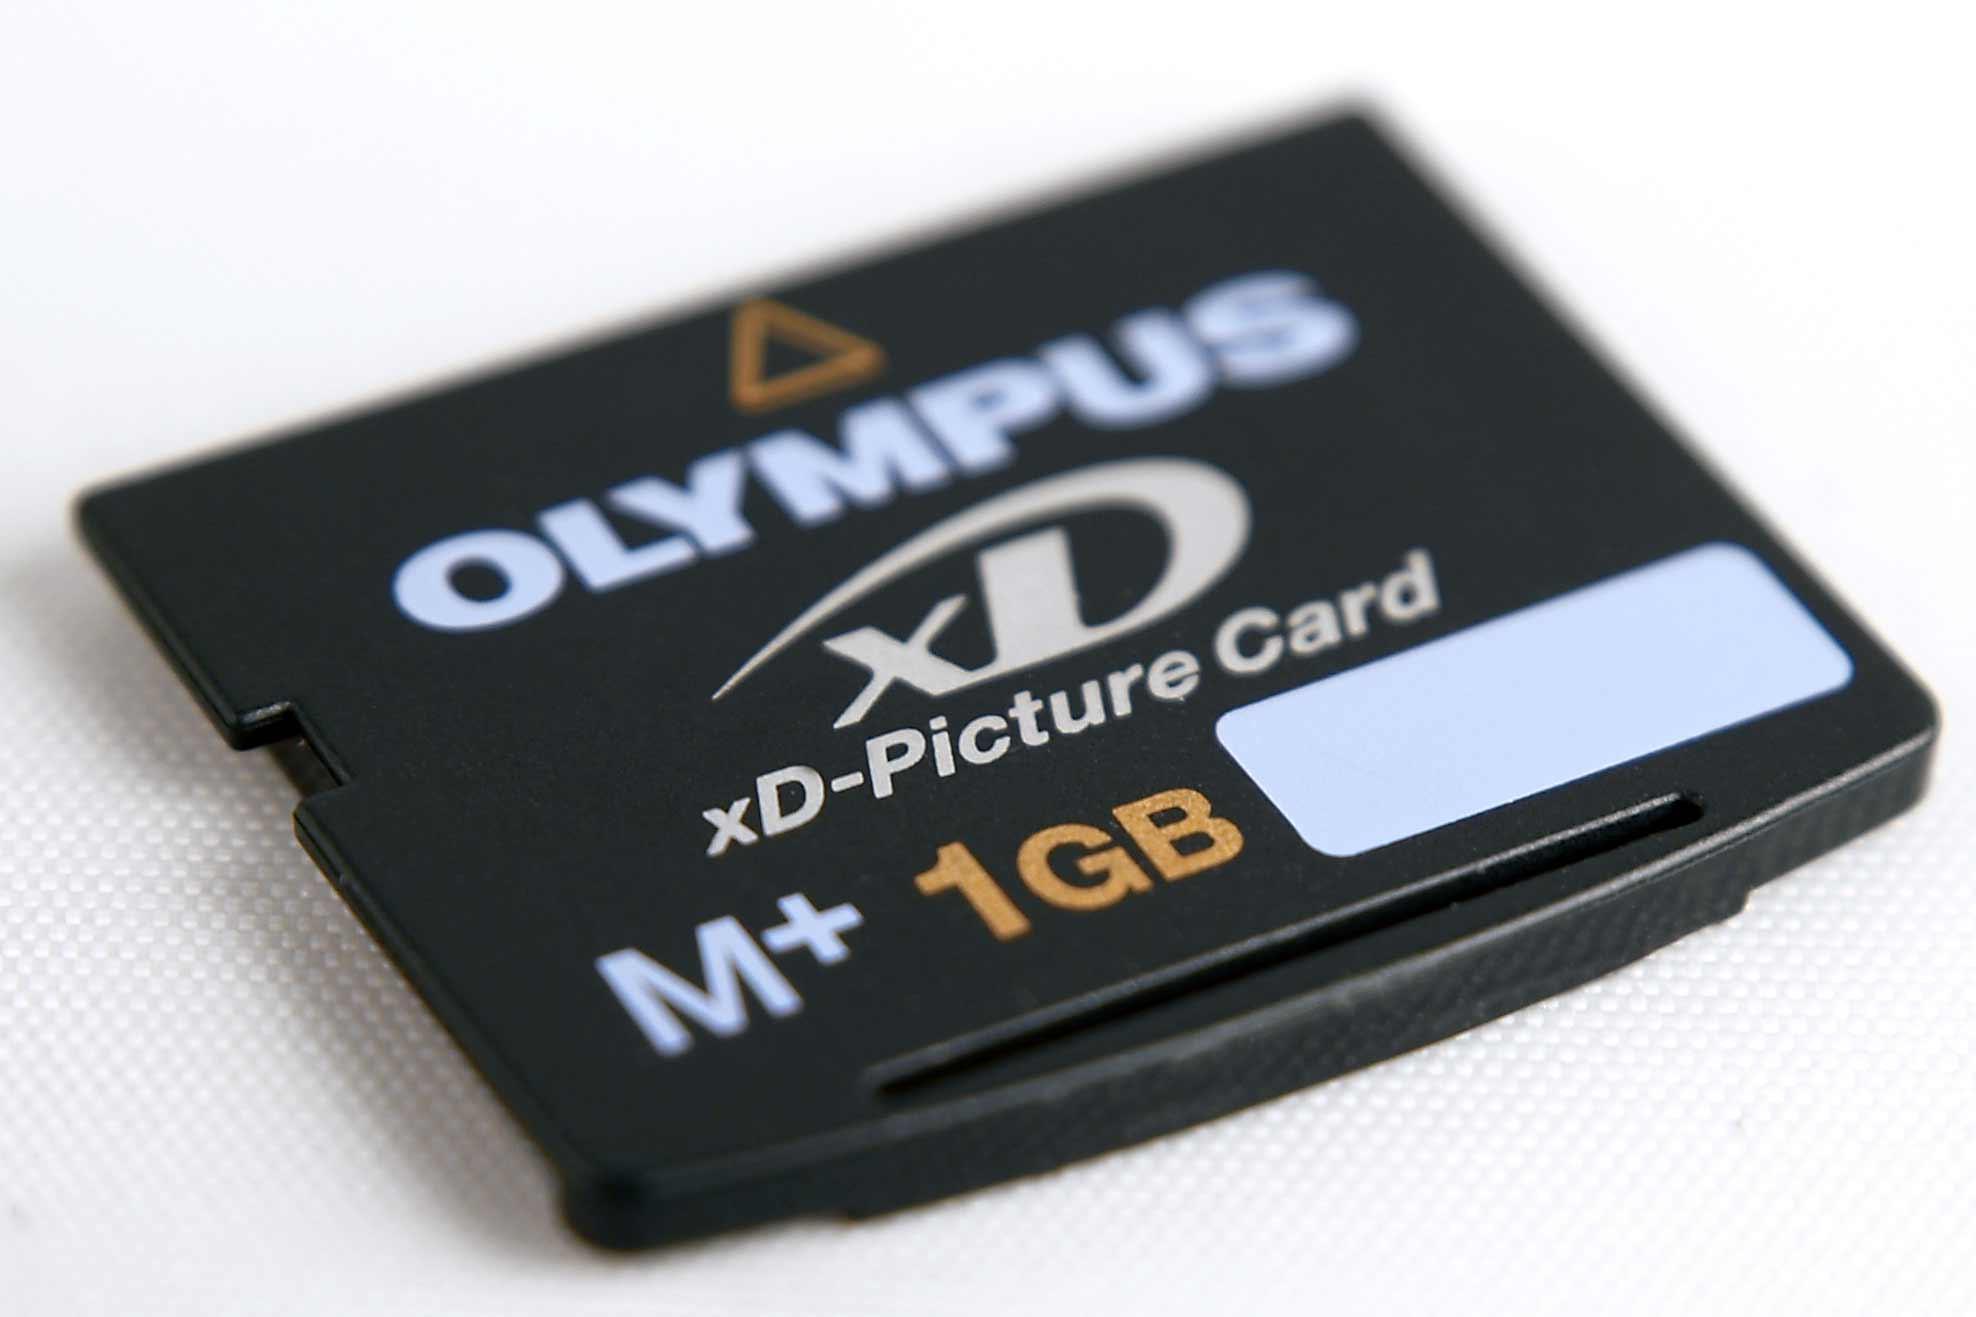 карта памяти olympus xd: